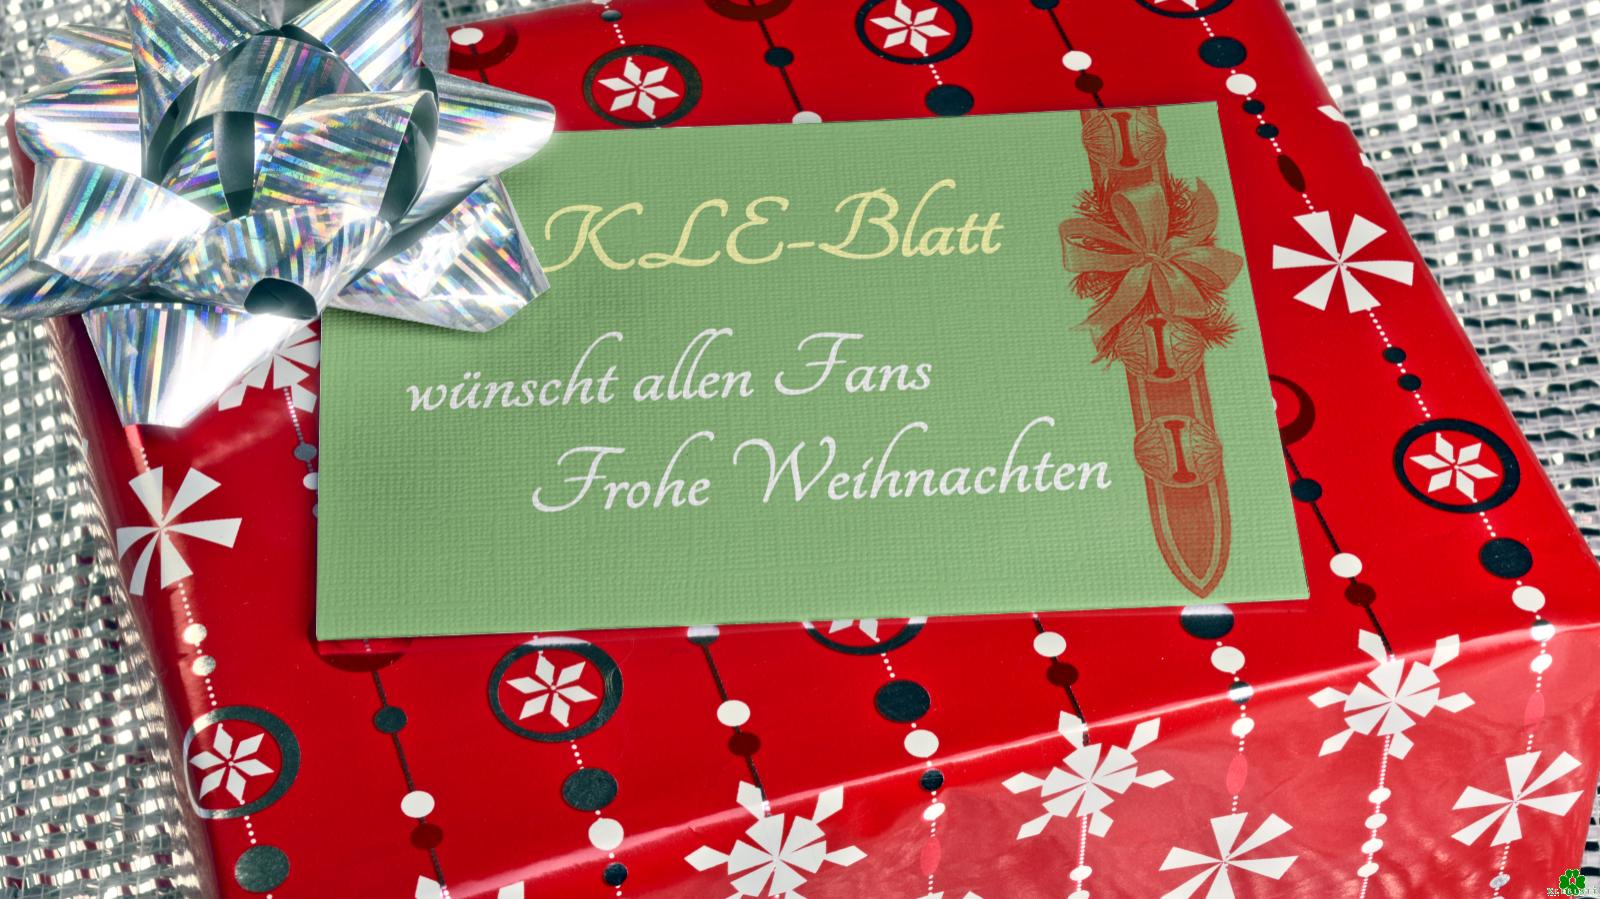 Frohe Weihnachten allen KLE-Blatt-Fans